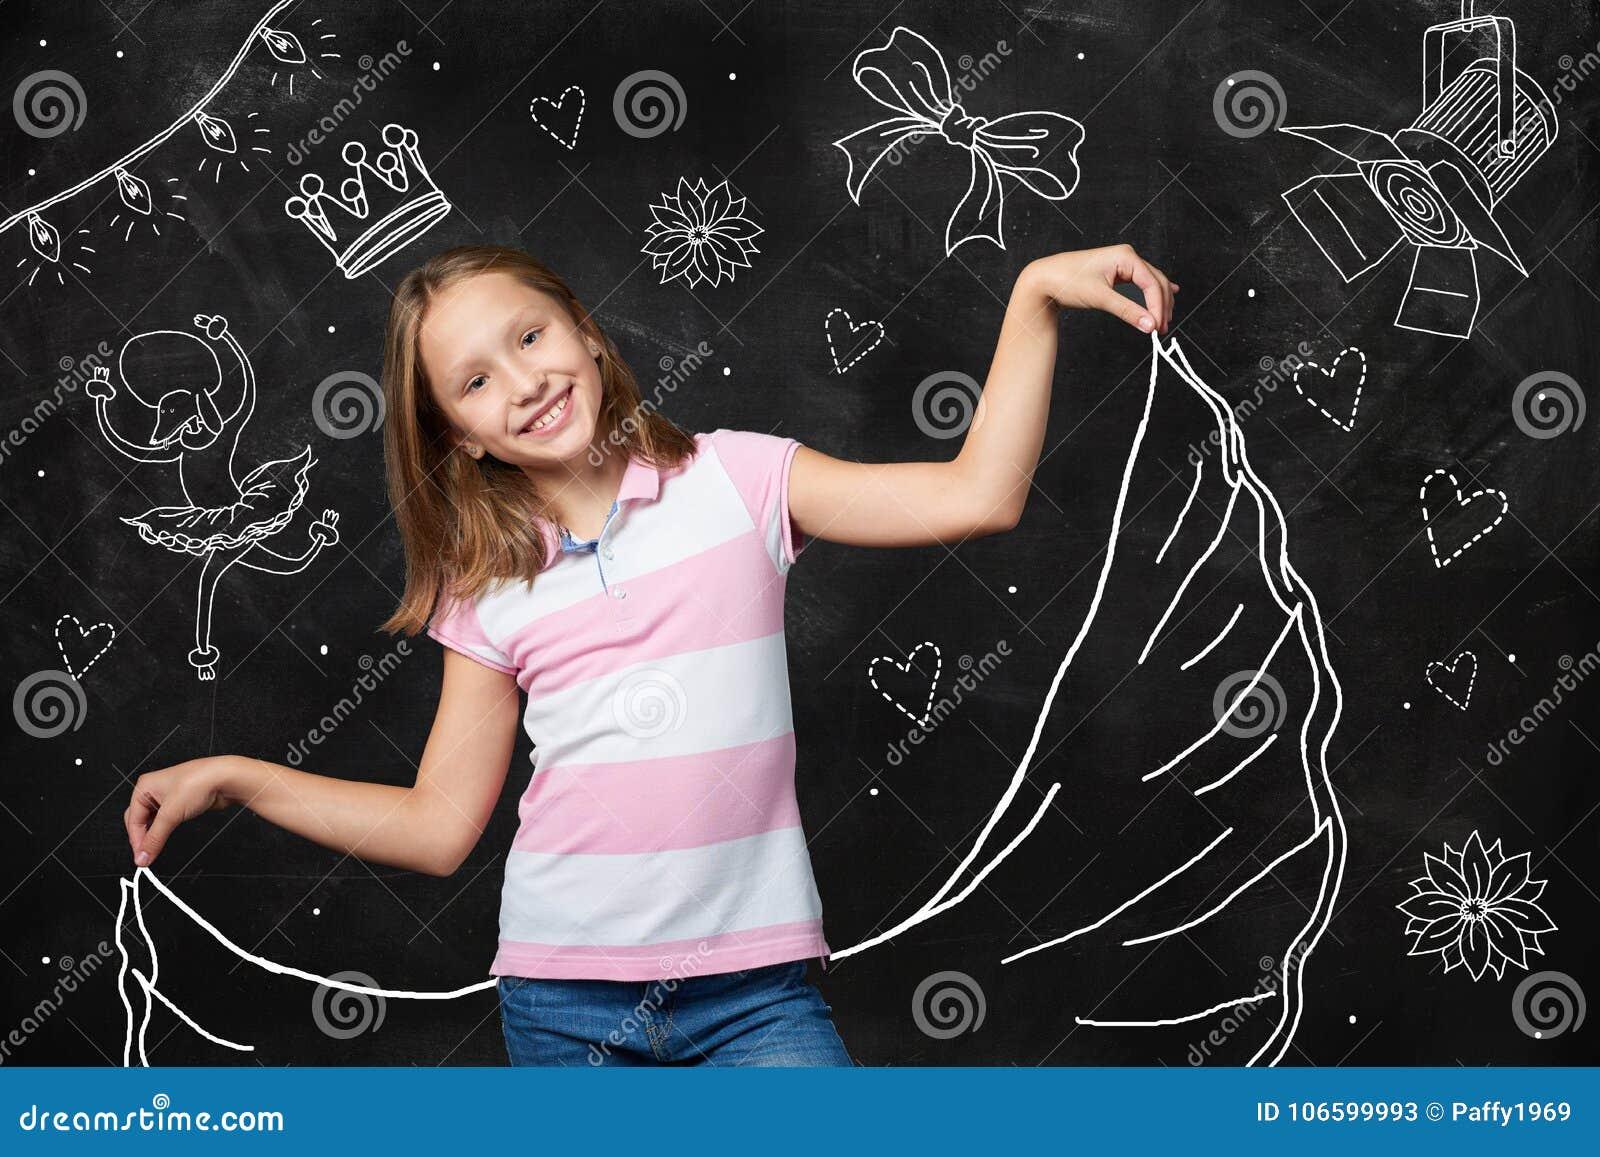 Фантазия маленькой девочки быть звездой